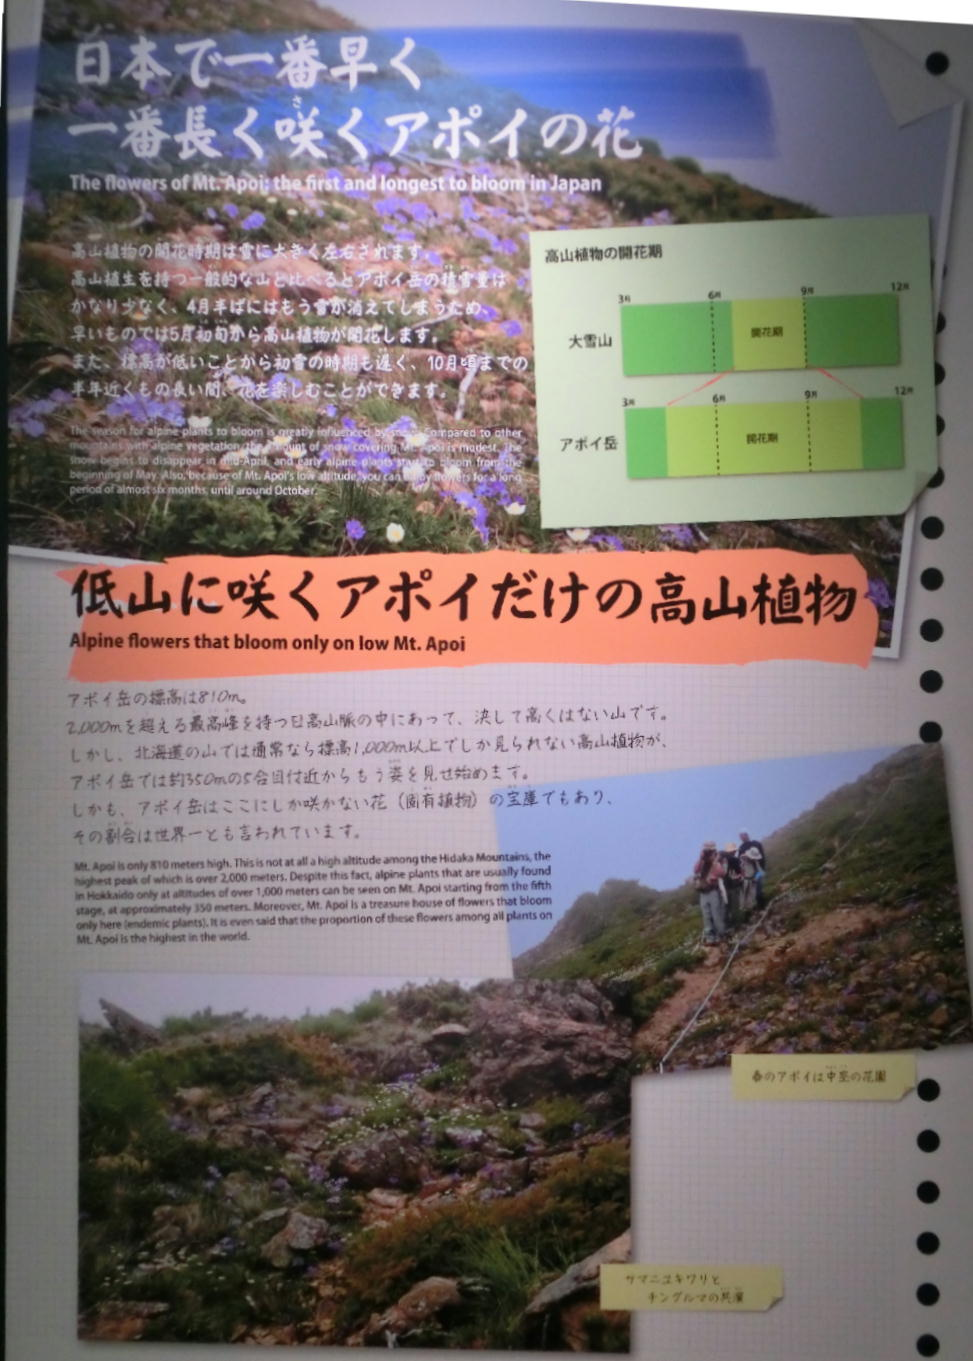 シノリガモ  アポイ岳の高山植物に逢う前に。 2014.5.25北海道04_a0146869_2214405.jpg